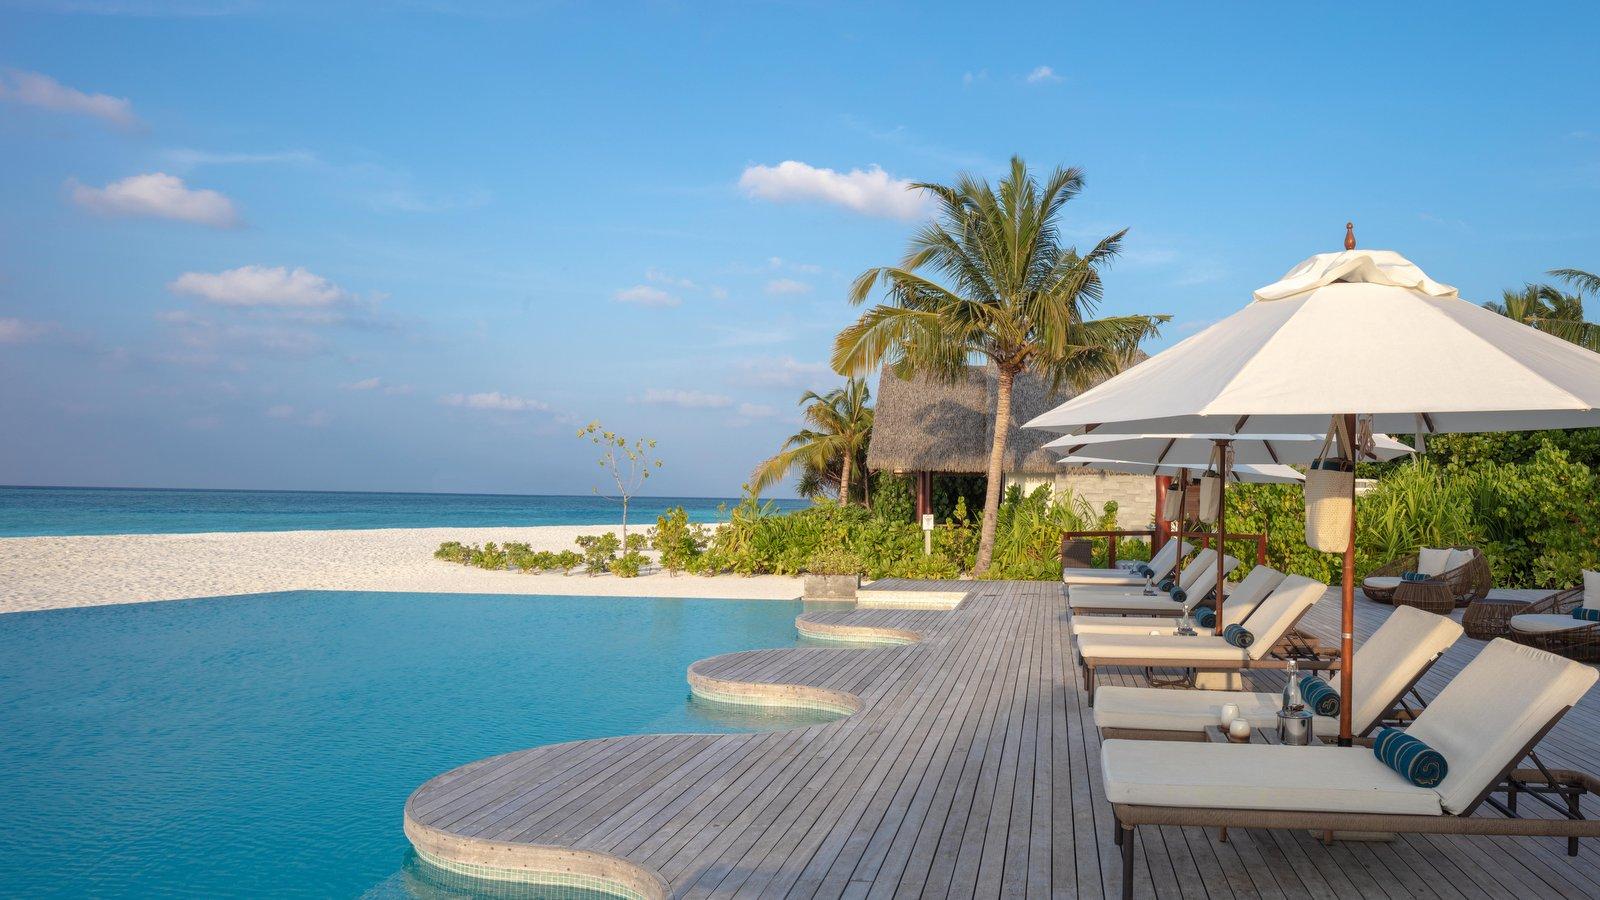 Мальдивы, отель Heritance Aarah, бассейн